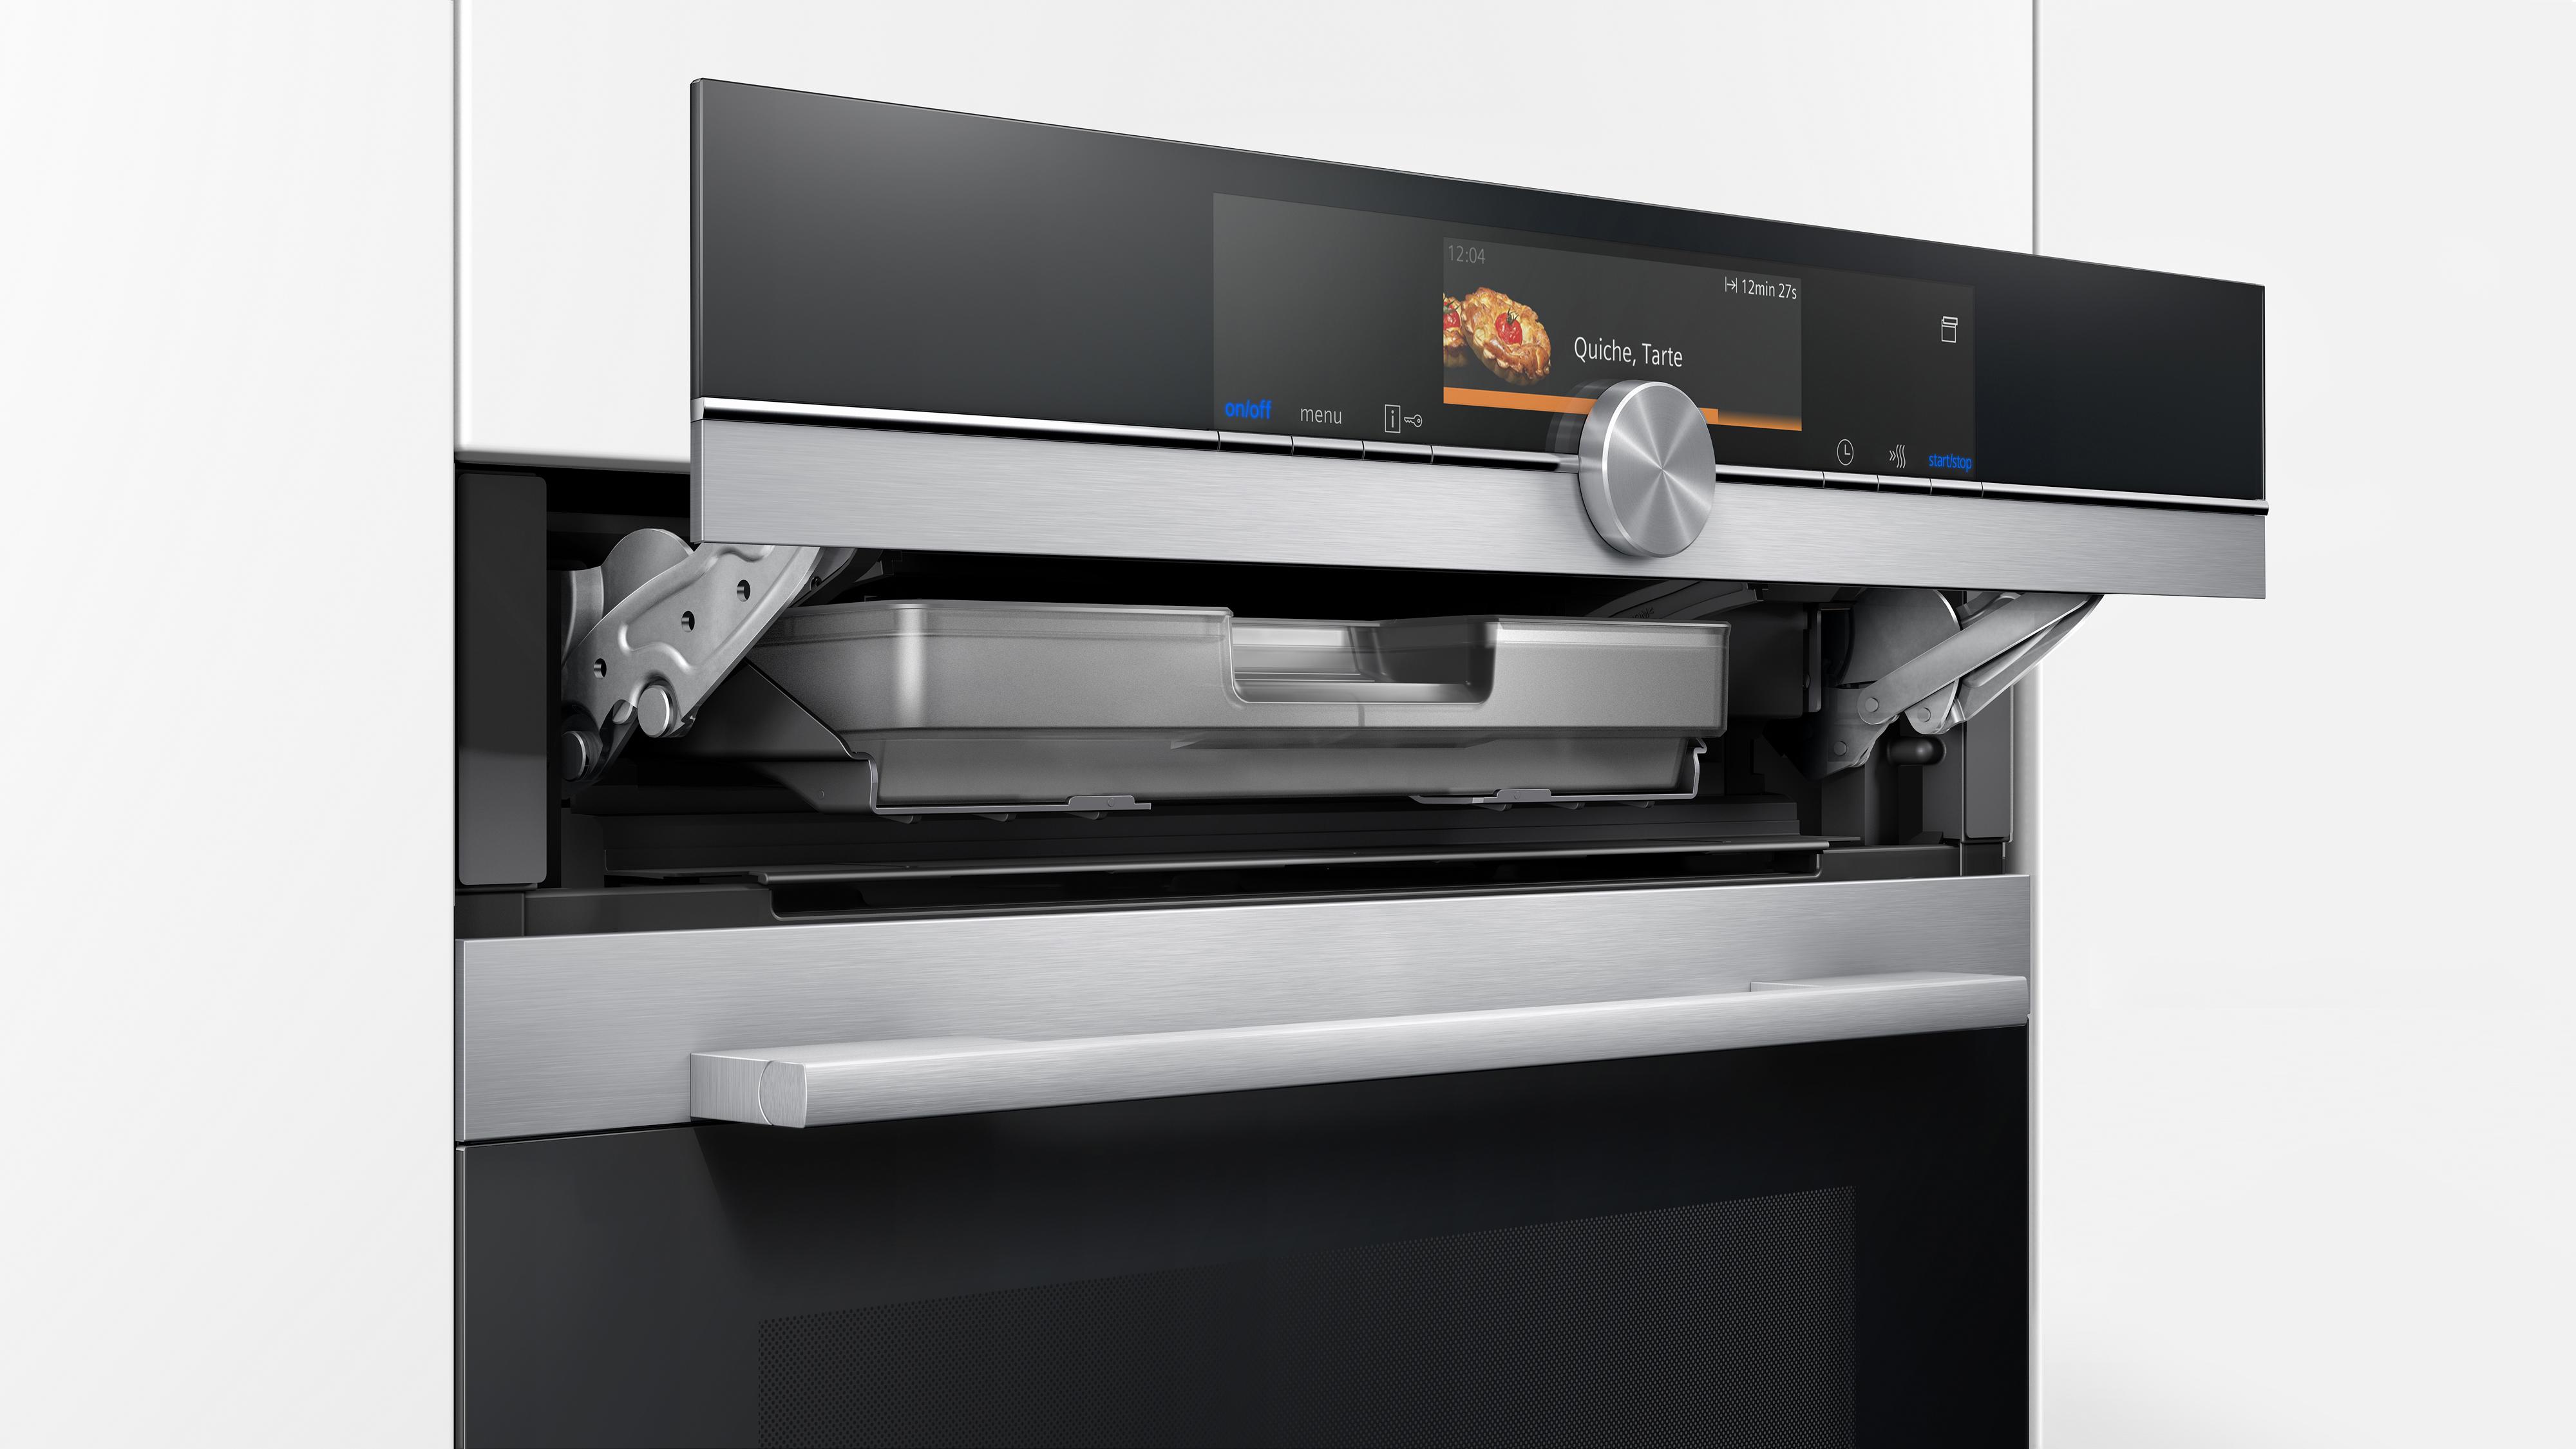 Uncategorized Compact Kitchen Appliances kitchen home qvc uk compact appliances tboots us siemens ajkb